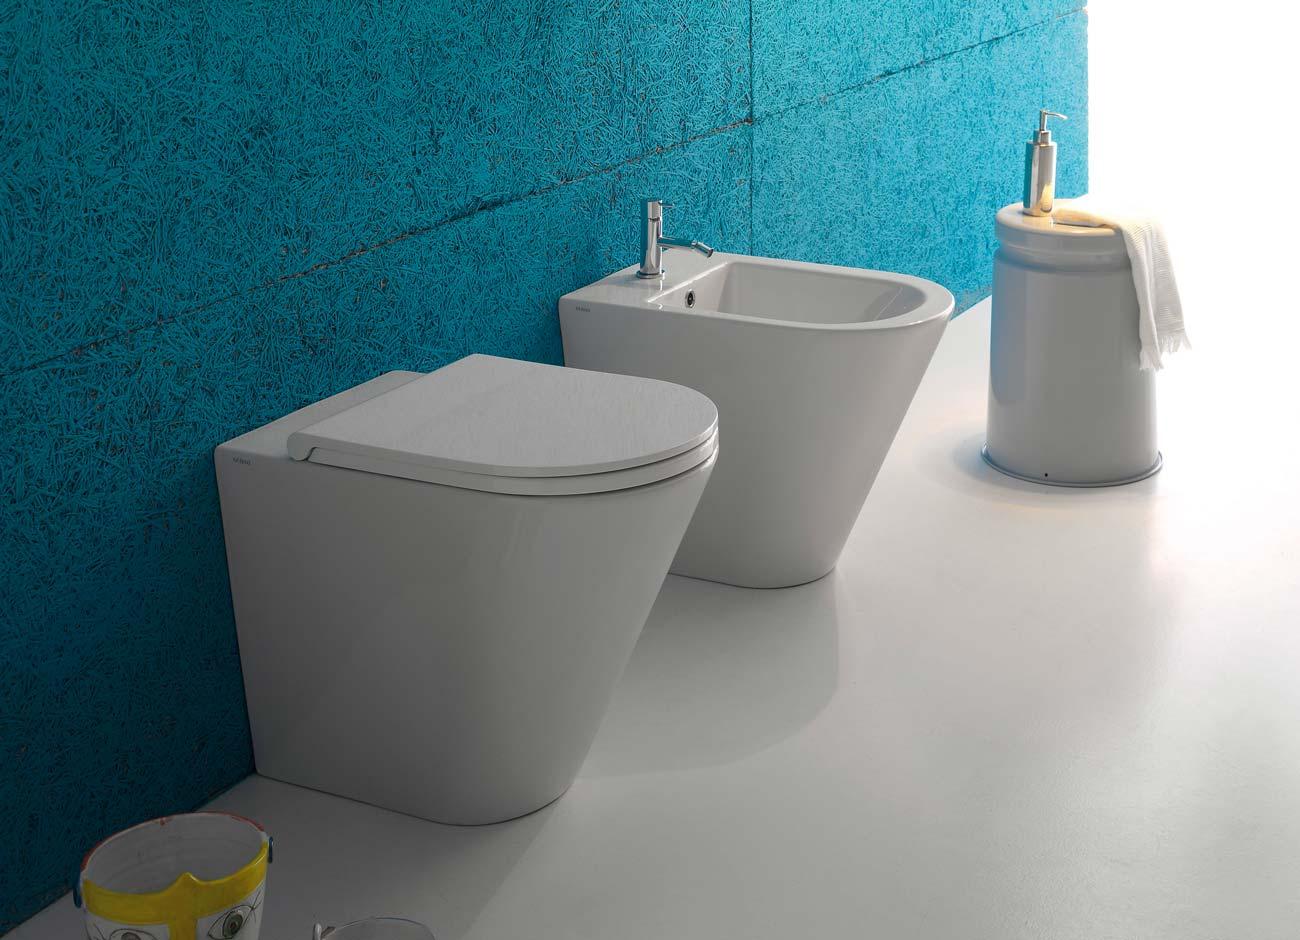 Sanitari bagno in ceramica sospesi o freestanding silvestri - Sanitari bagno globo ...